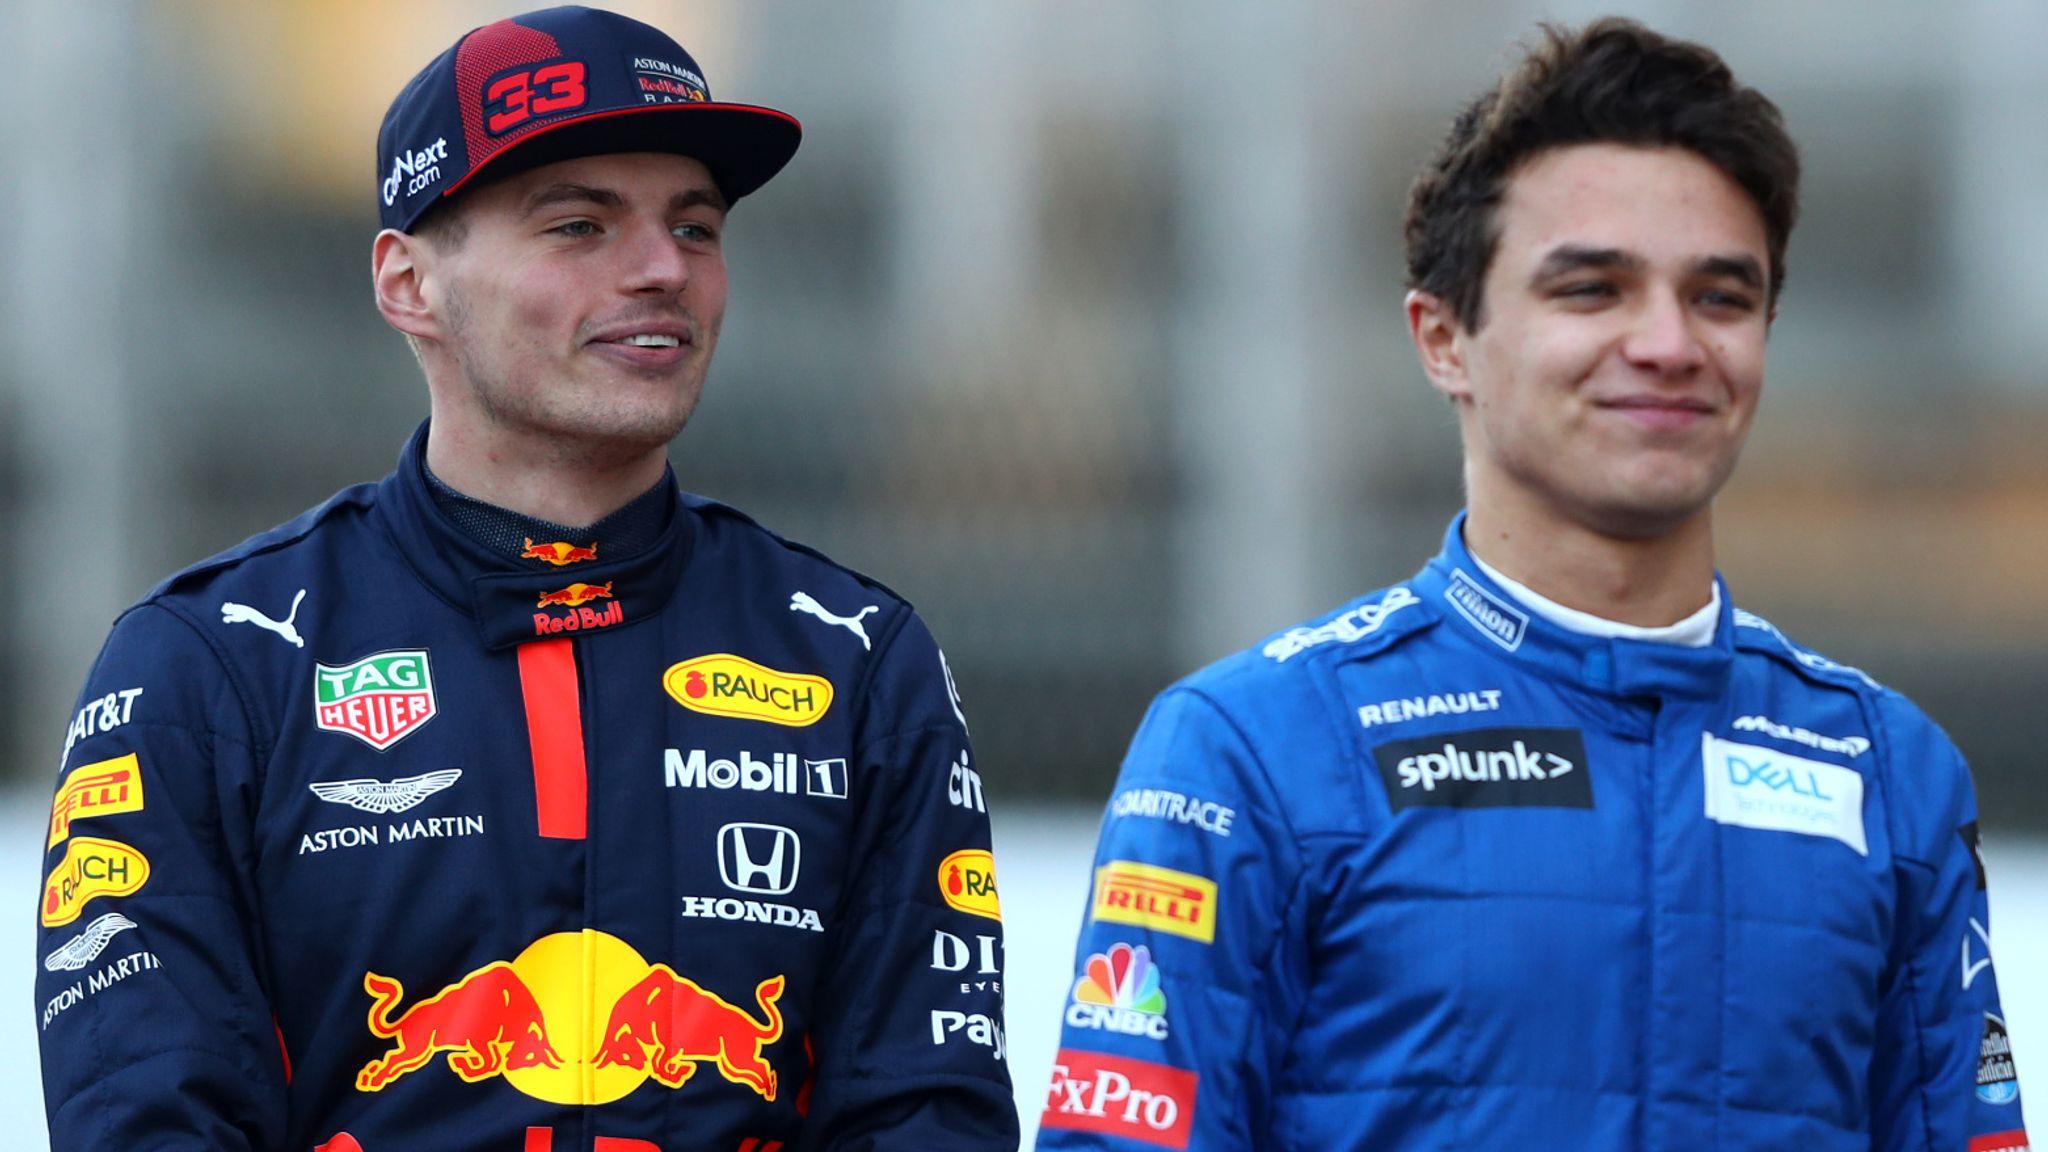 Le qualifiche del GP di Austria 2021